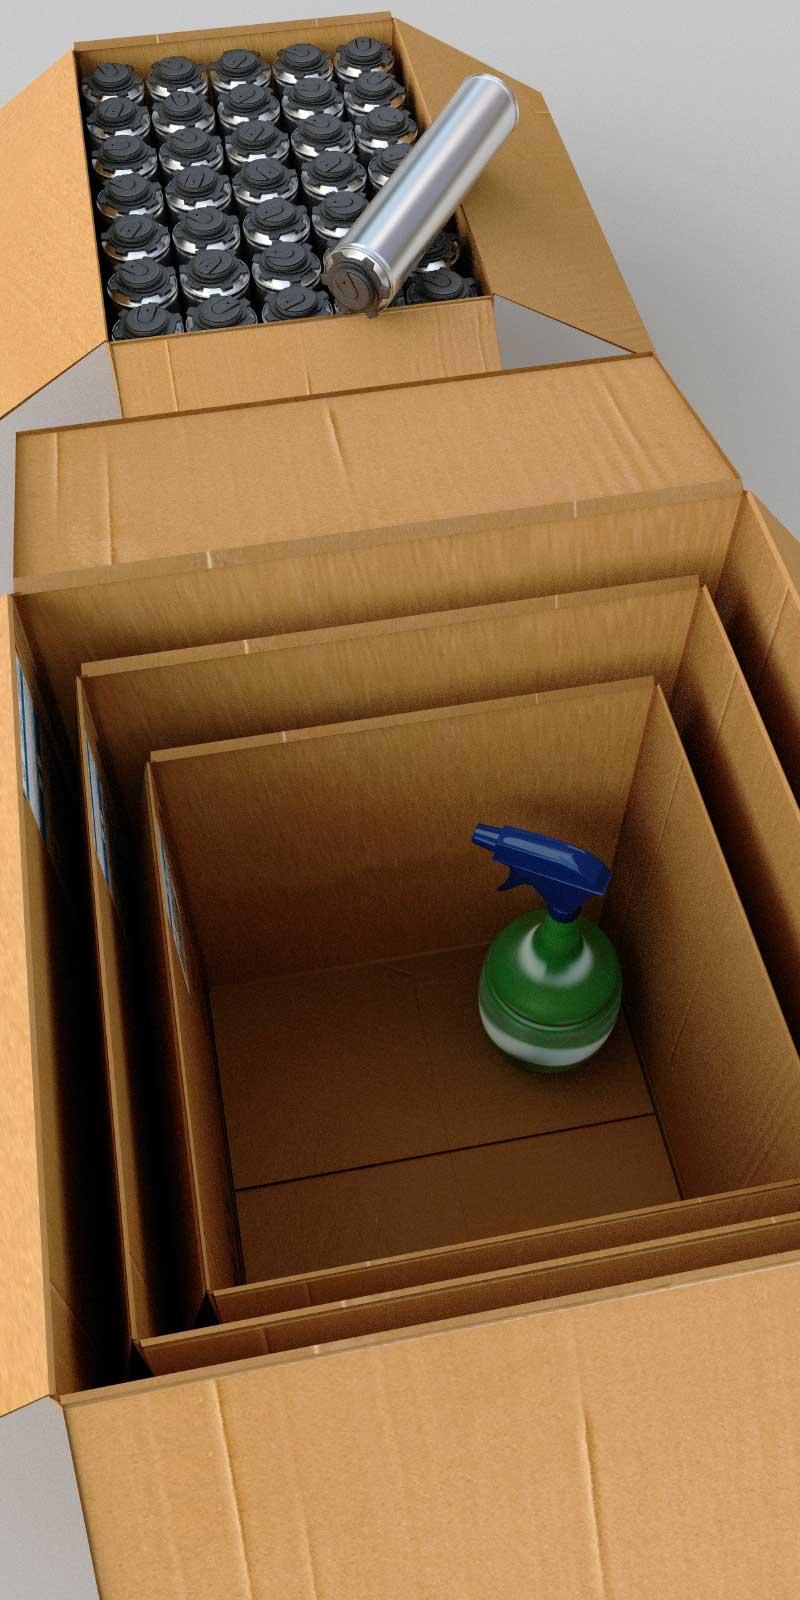 в коробки разных размеров.